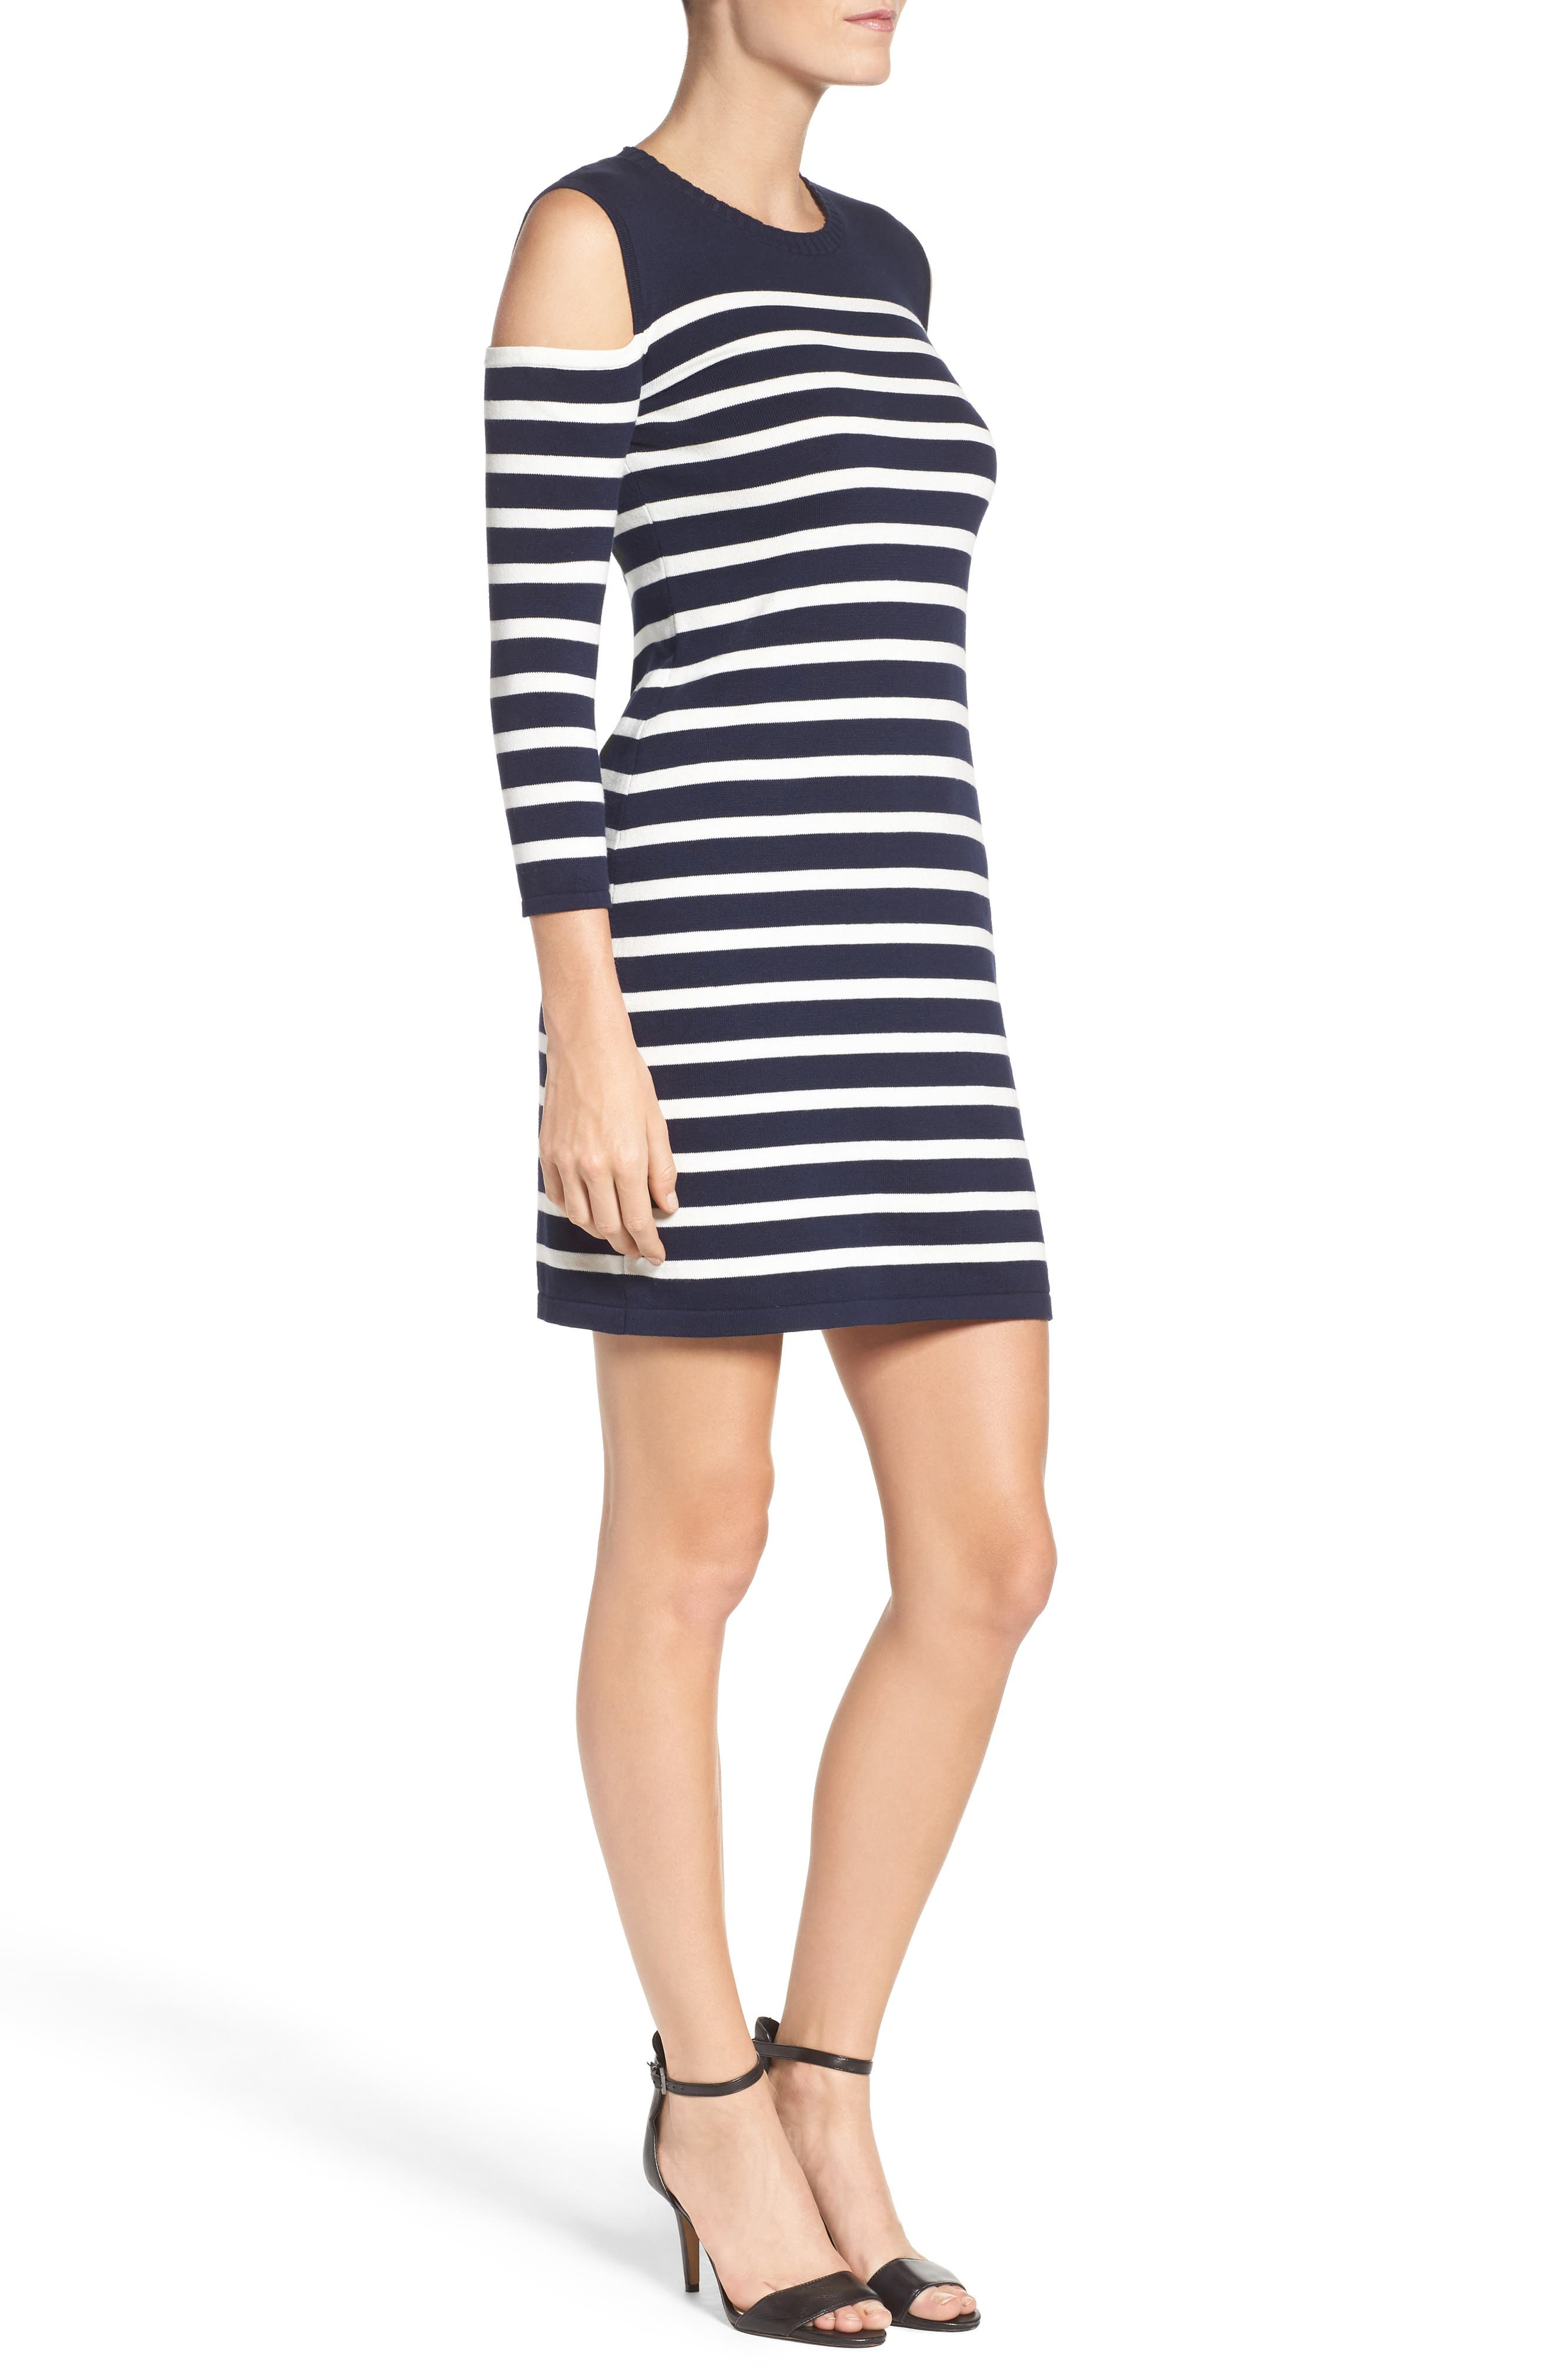 Trina Turk Tango Stripe Cotton Knit Dress,                             Alternate thumbnail 3, color,                             Whitewash/ Indigo